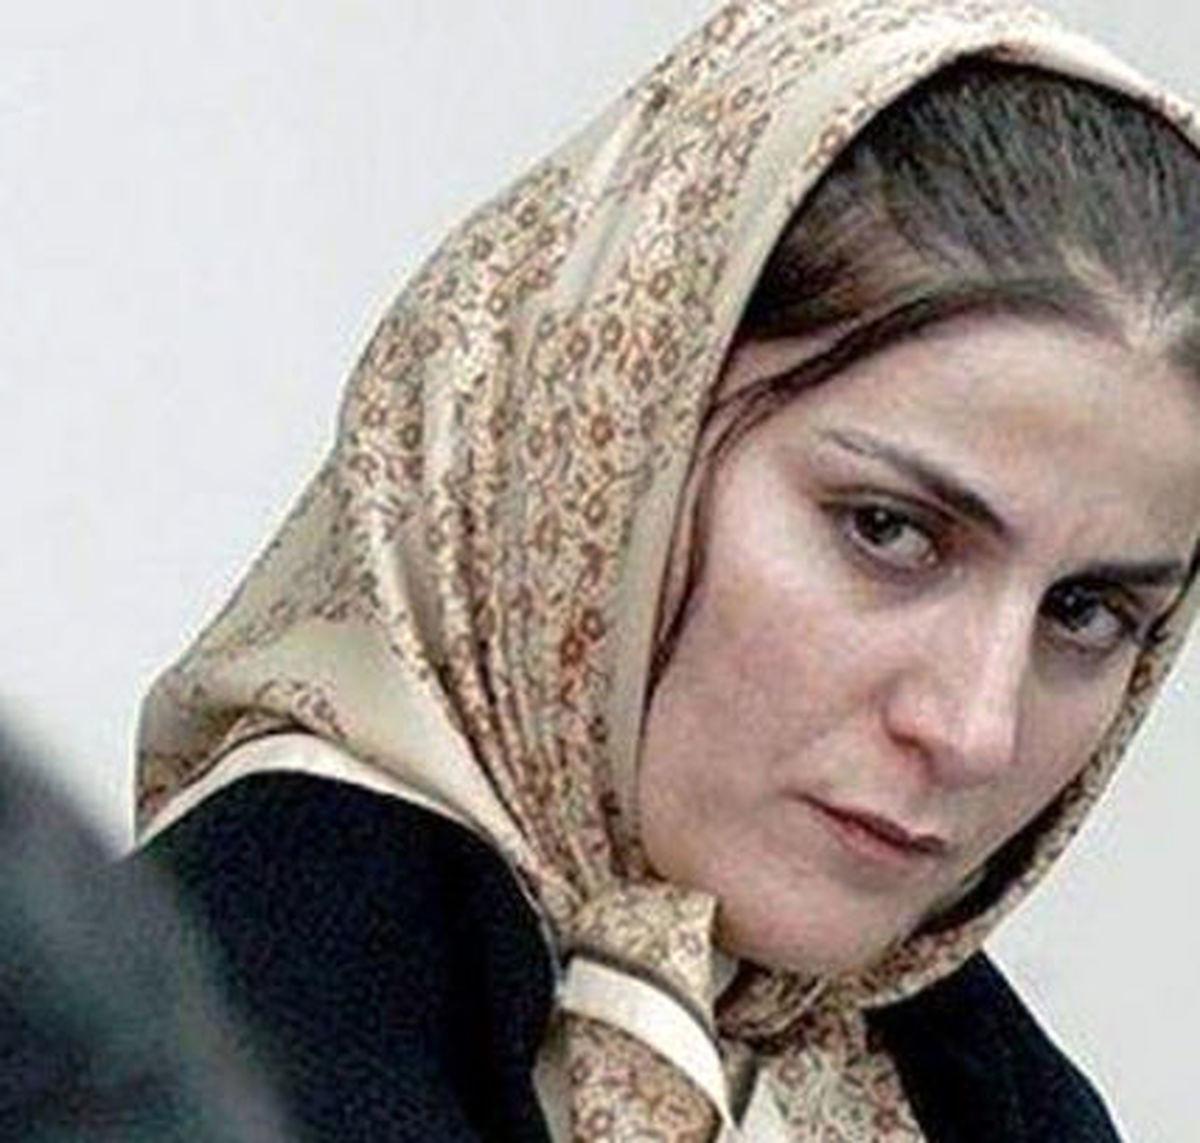 واقعیت قتل به دست شهلا جاهد همسر ناصر محمد خانی بعد از 11 سال فاش شد